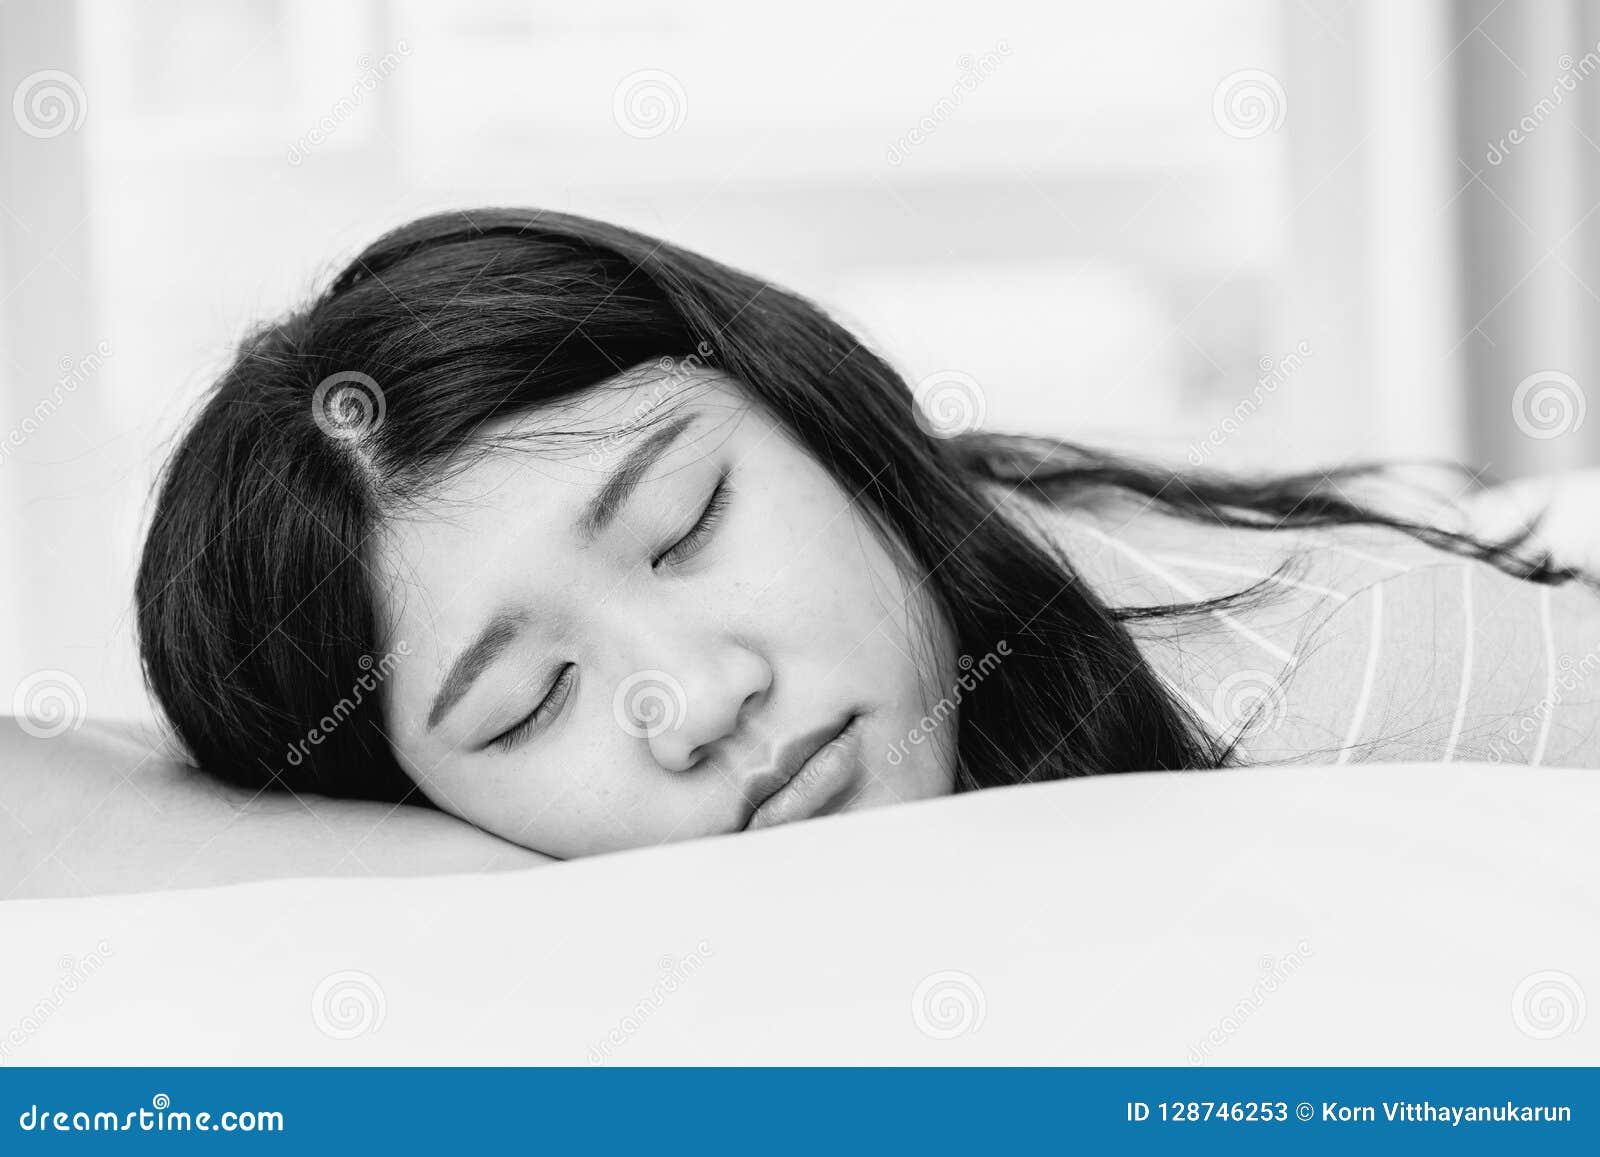 Girl cute young sleeping teen